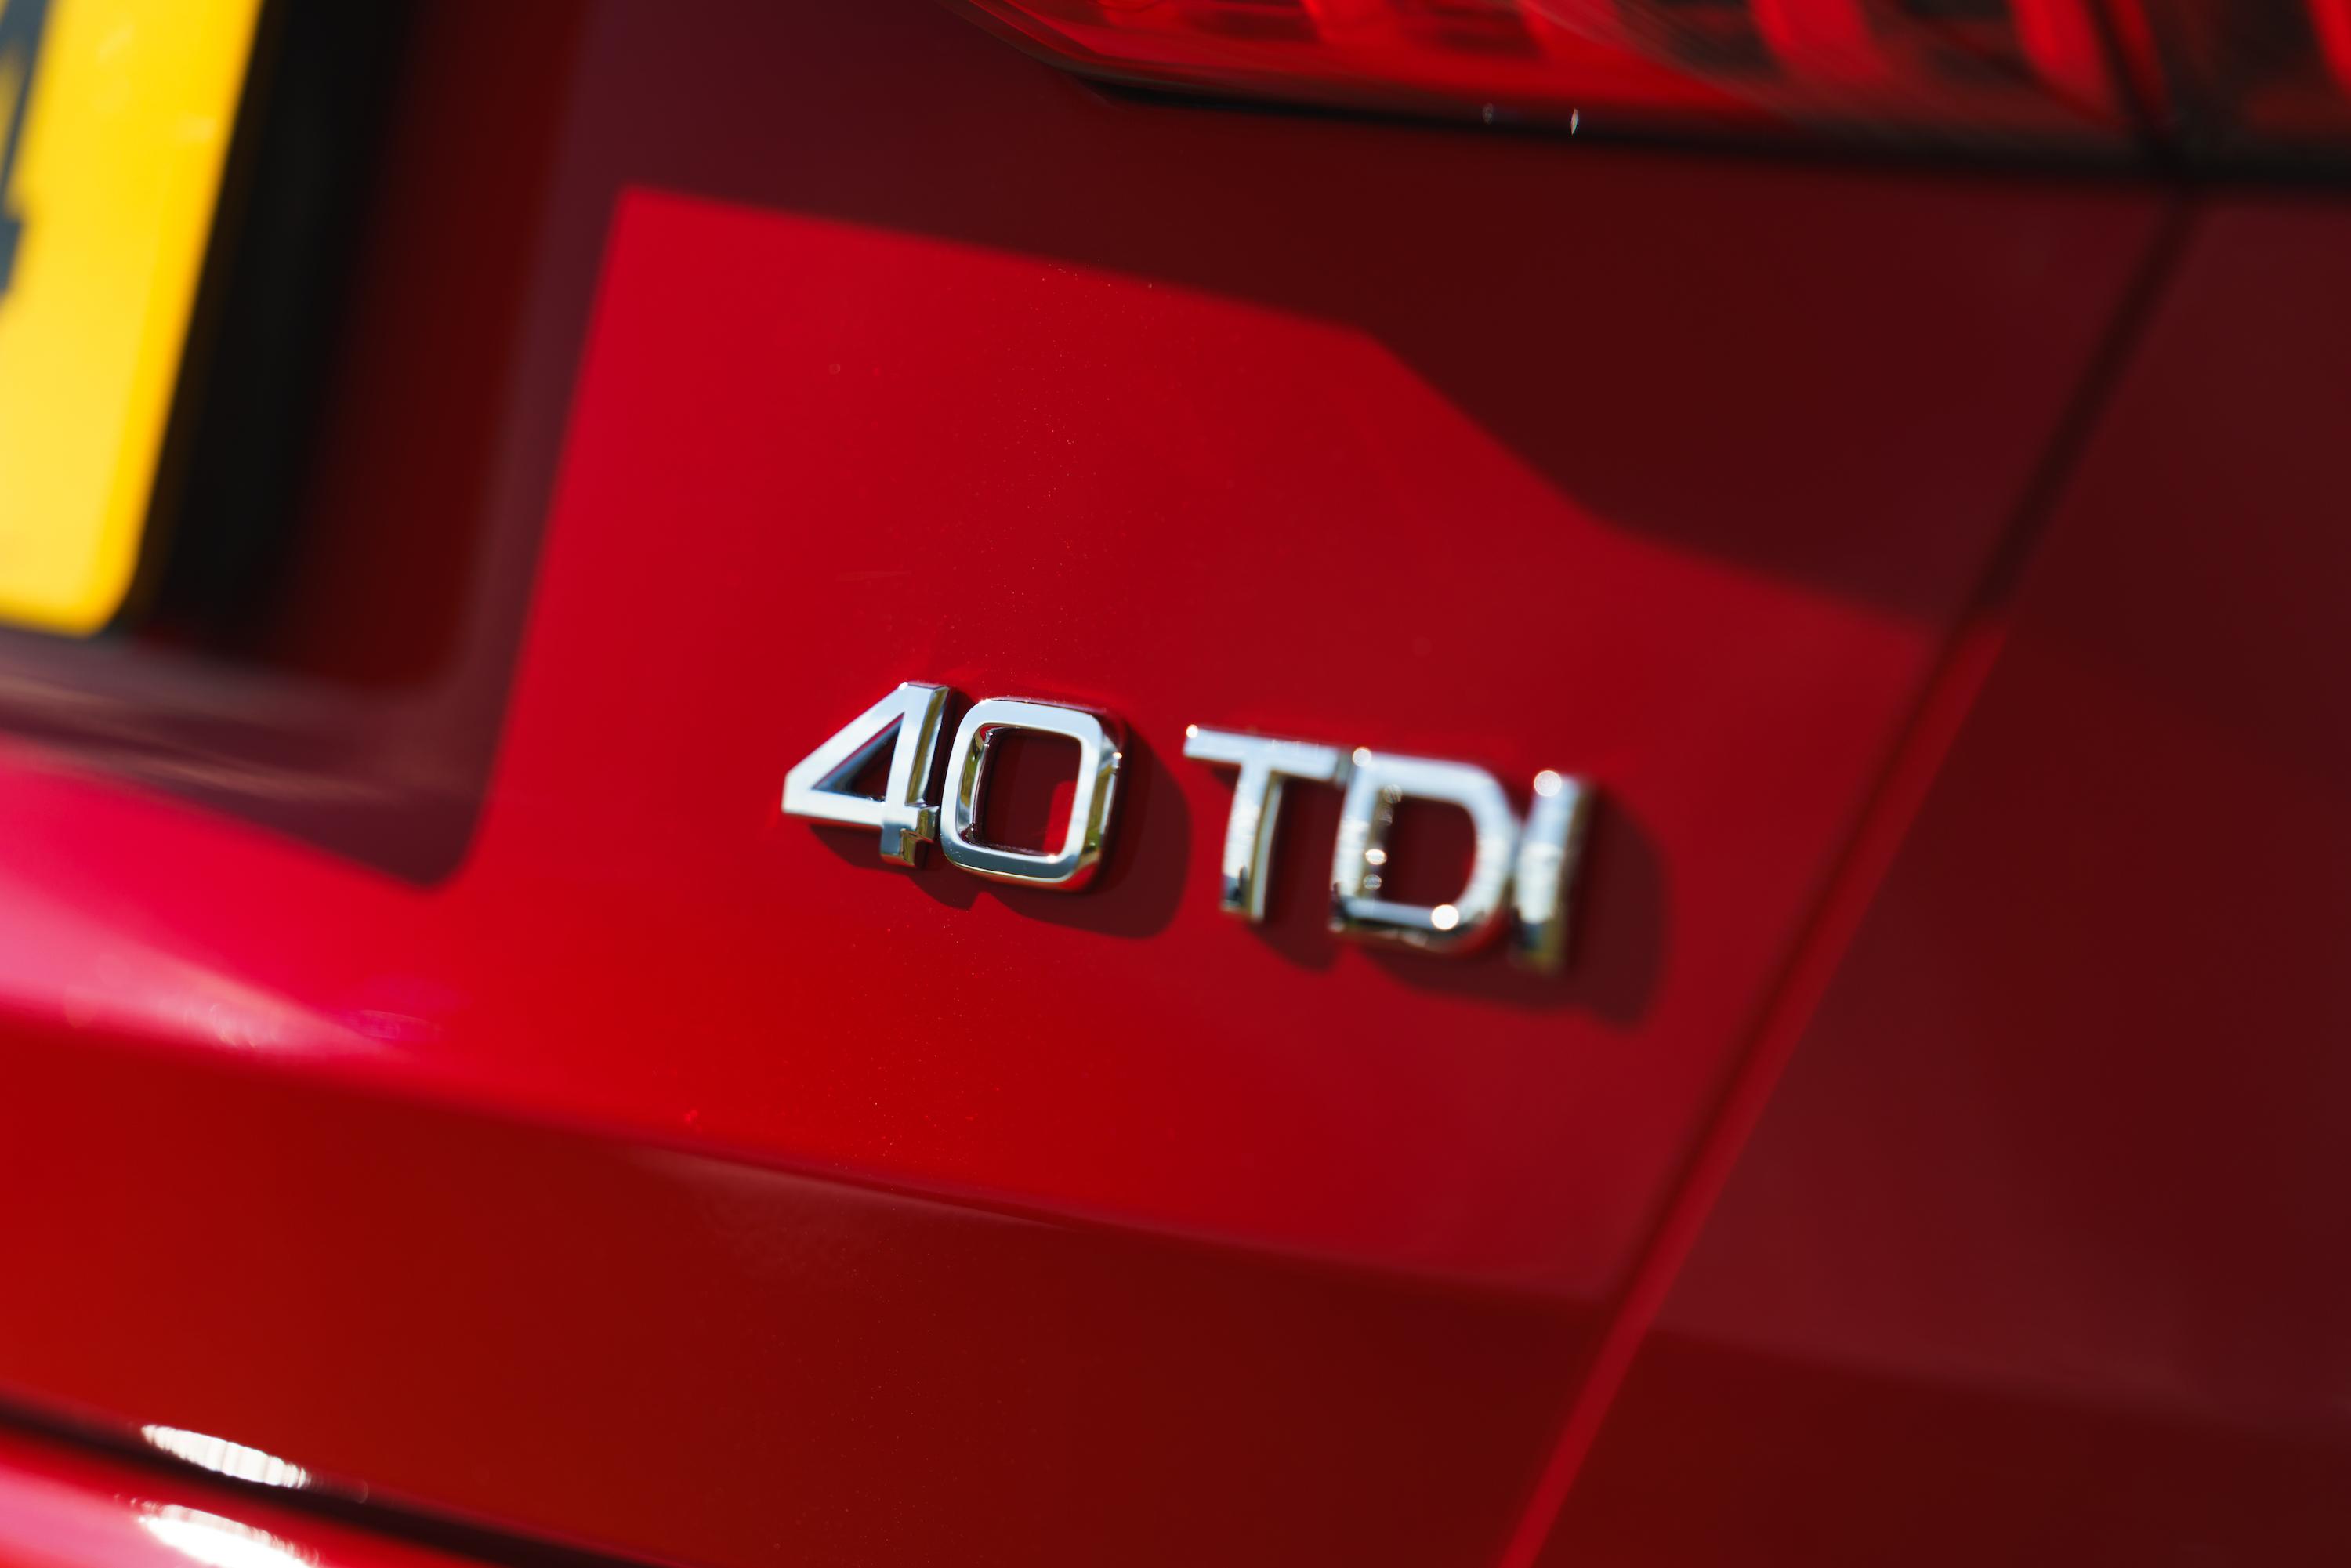 40 TDI badging